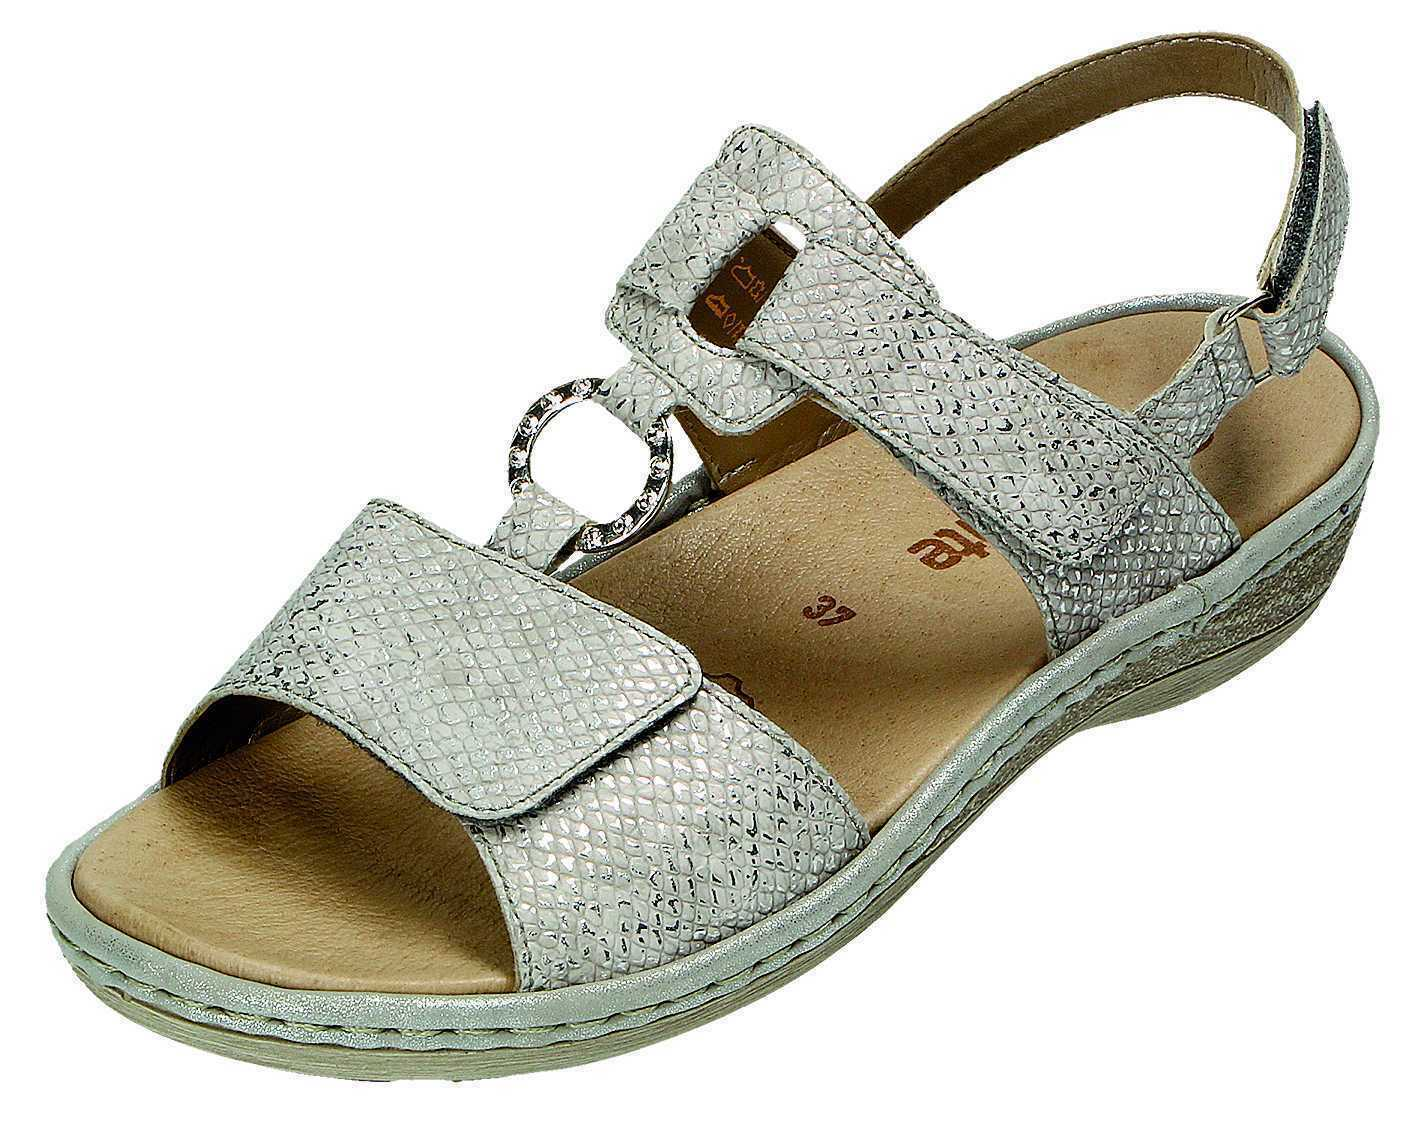 Remonte Sandalen Sandaletten Damenschuhe silber Gr.36-42 D7648-90 Neu30